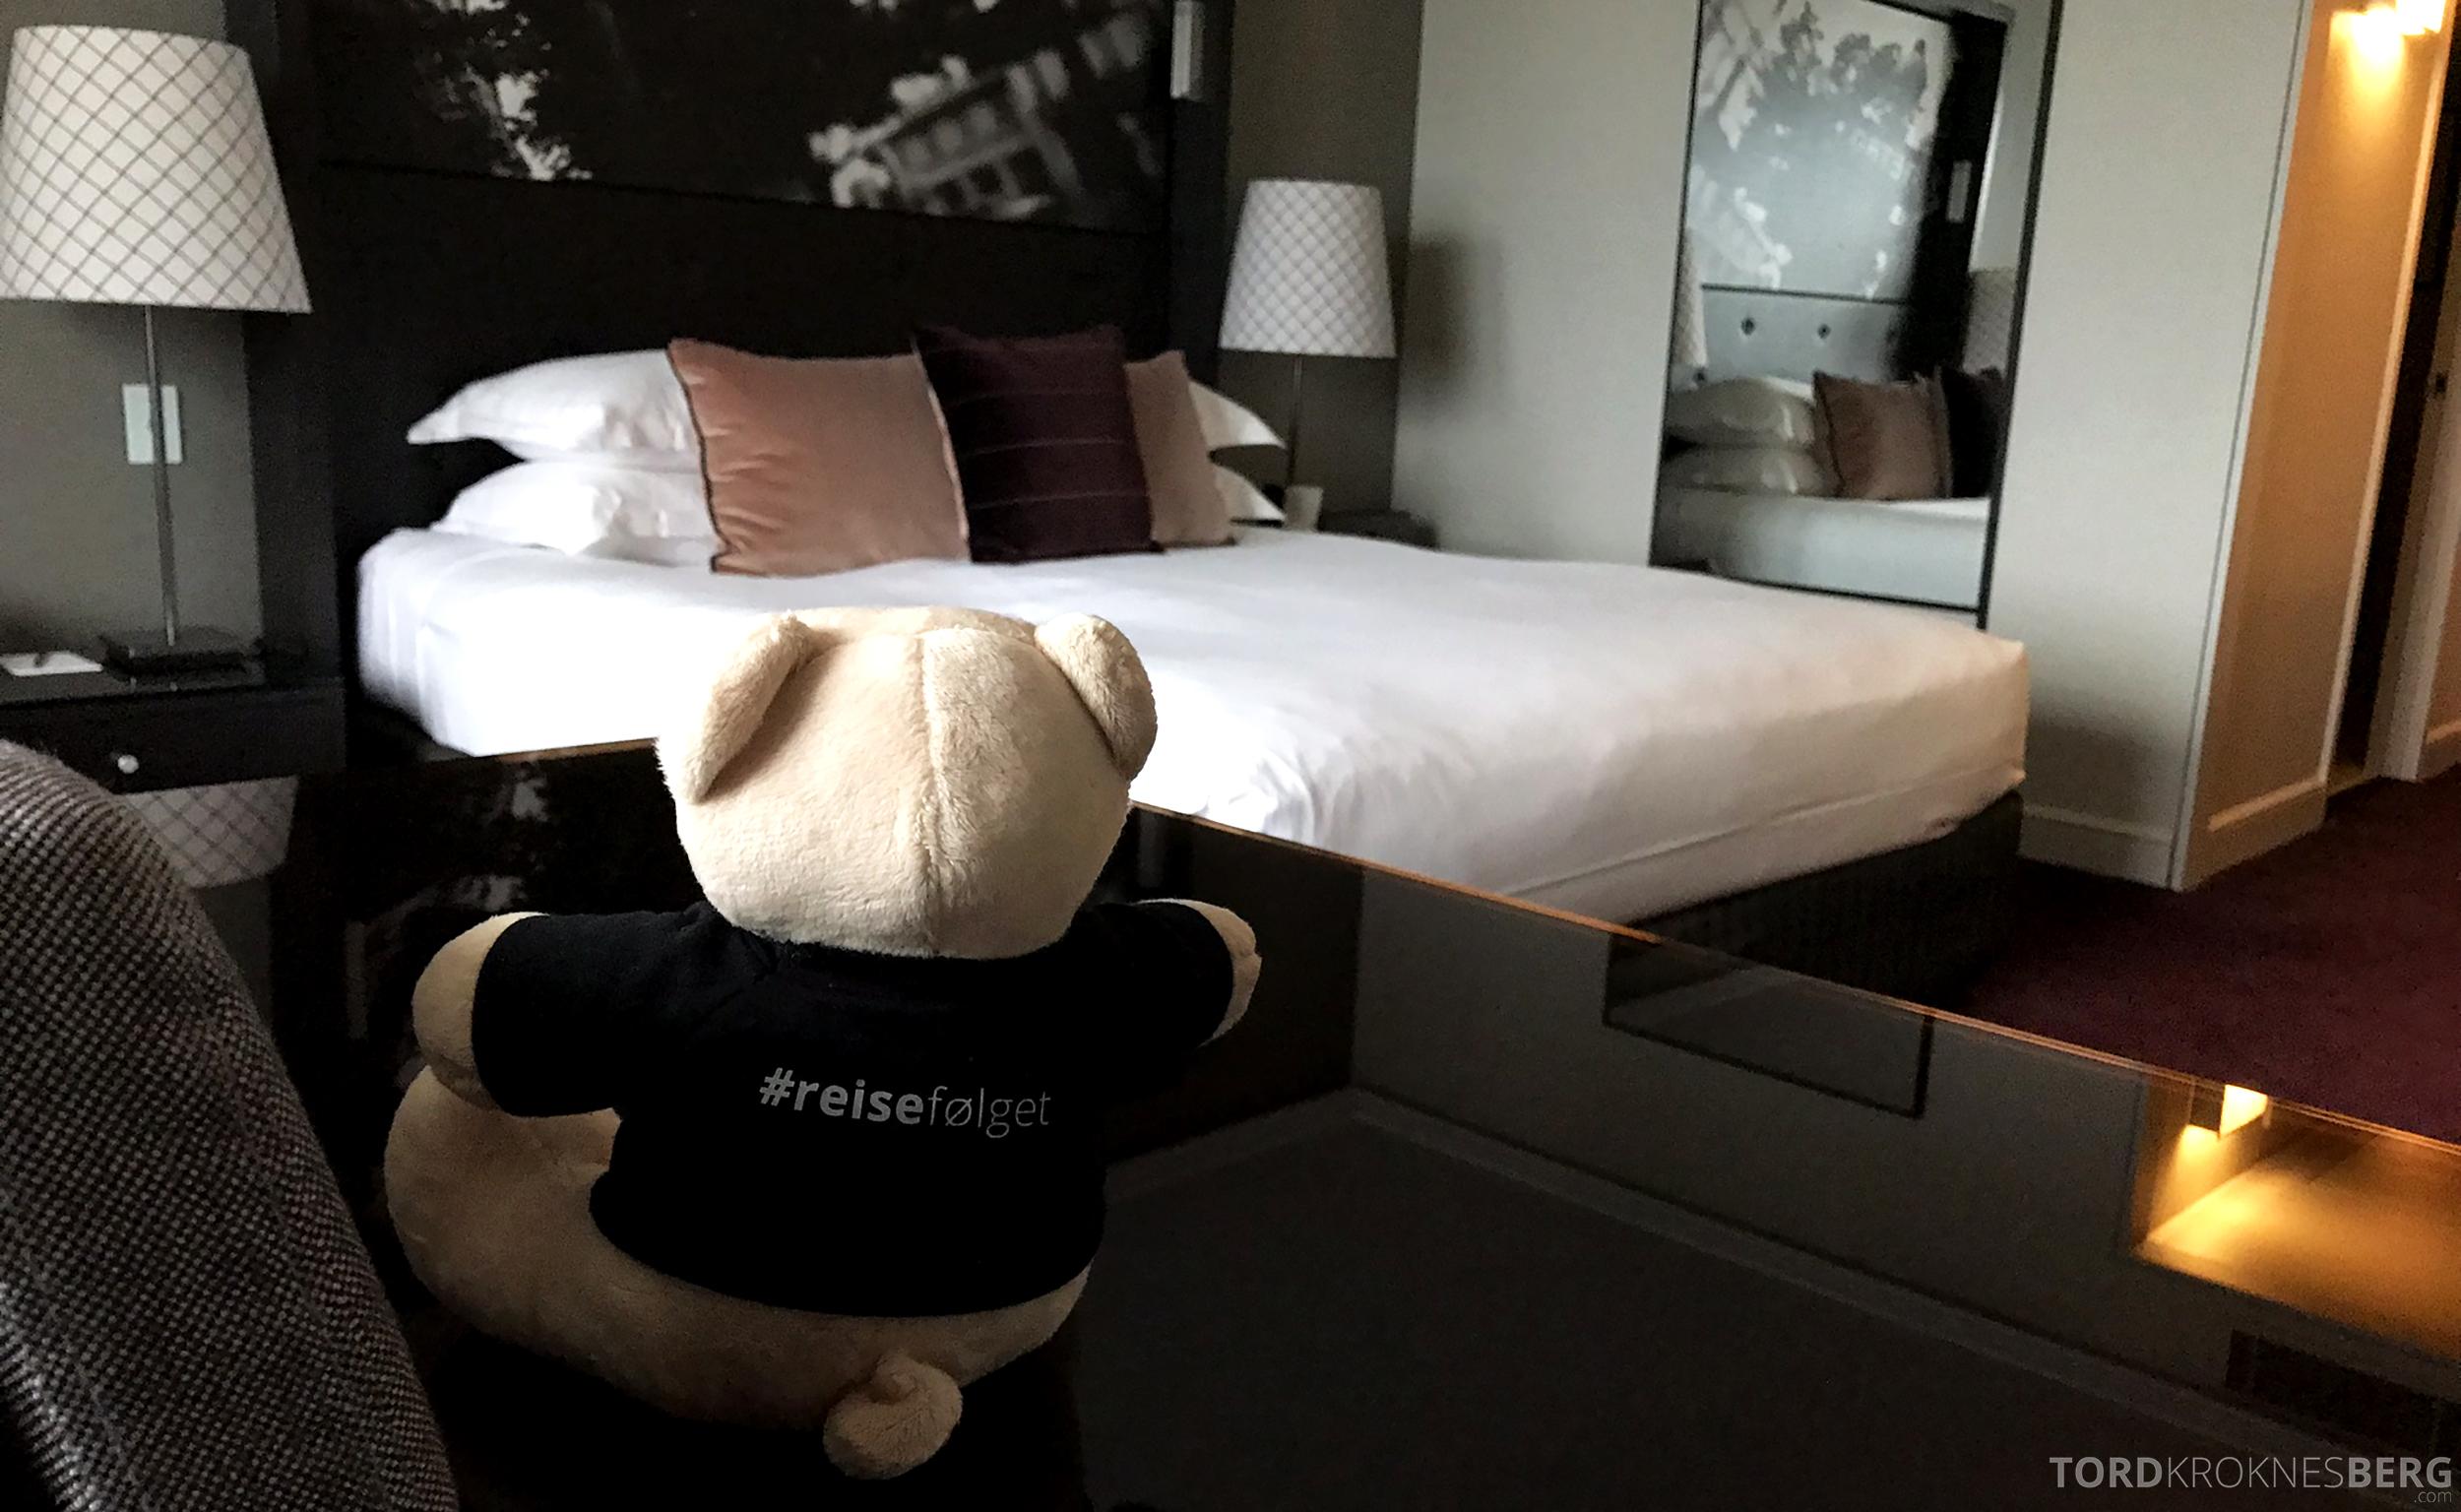 Sofitel Hotel Brisbane reisefølget rom